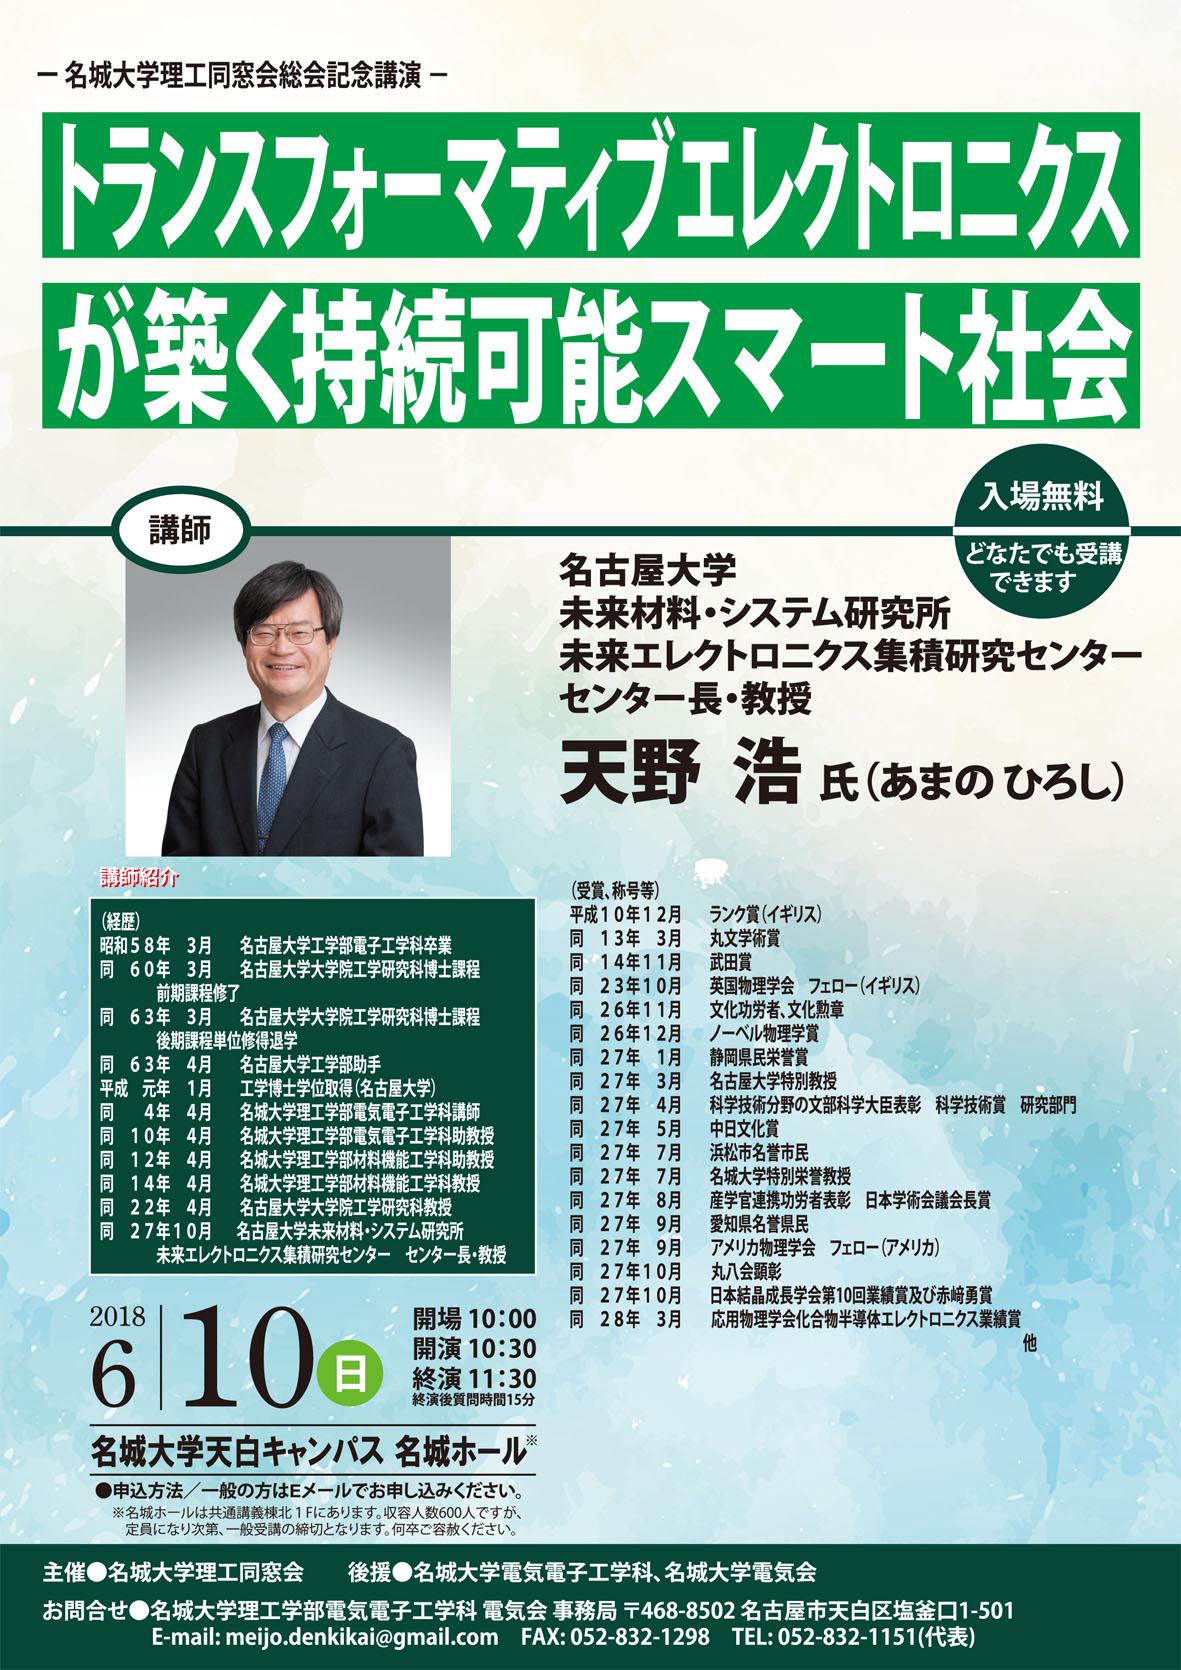 A4サイズ-天野先生講演チラシC6-P S.jpg